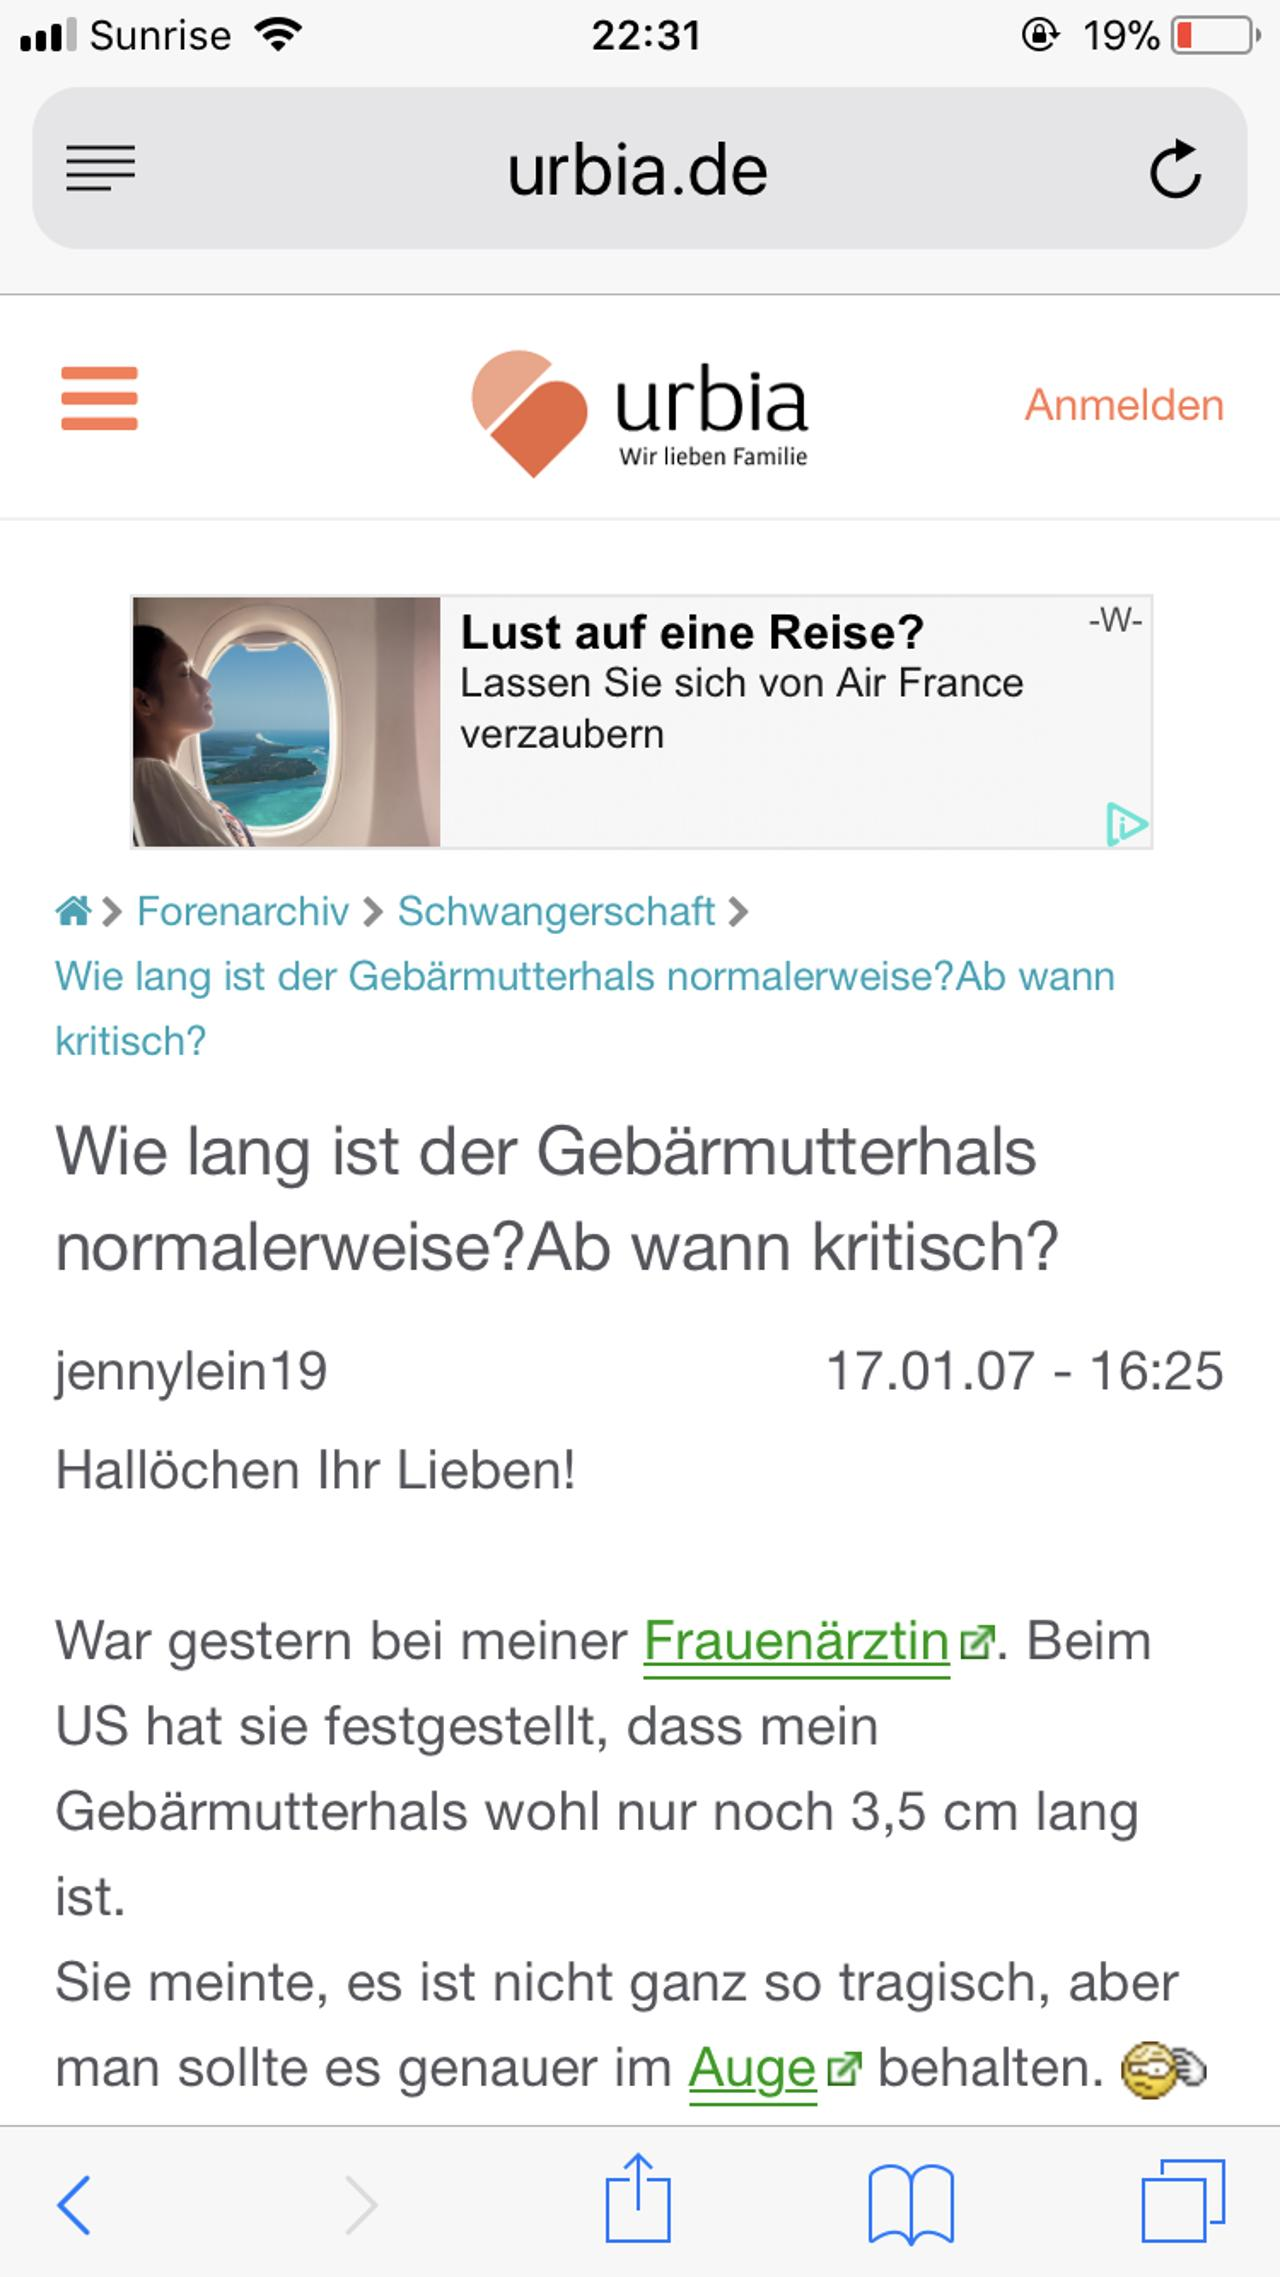 Groß Das Gebärmutterhals Galerie - Menschliche Anatomie Bilder ...